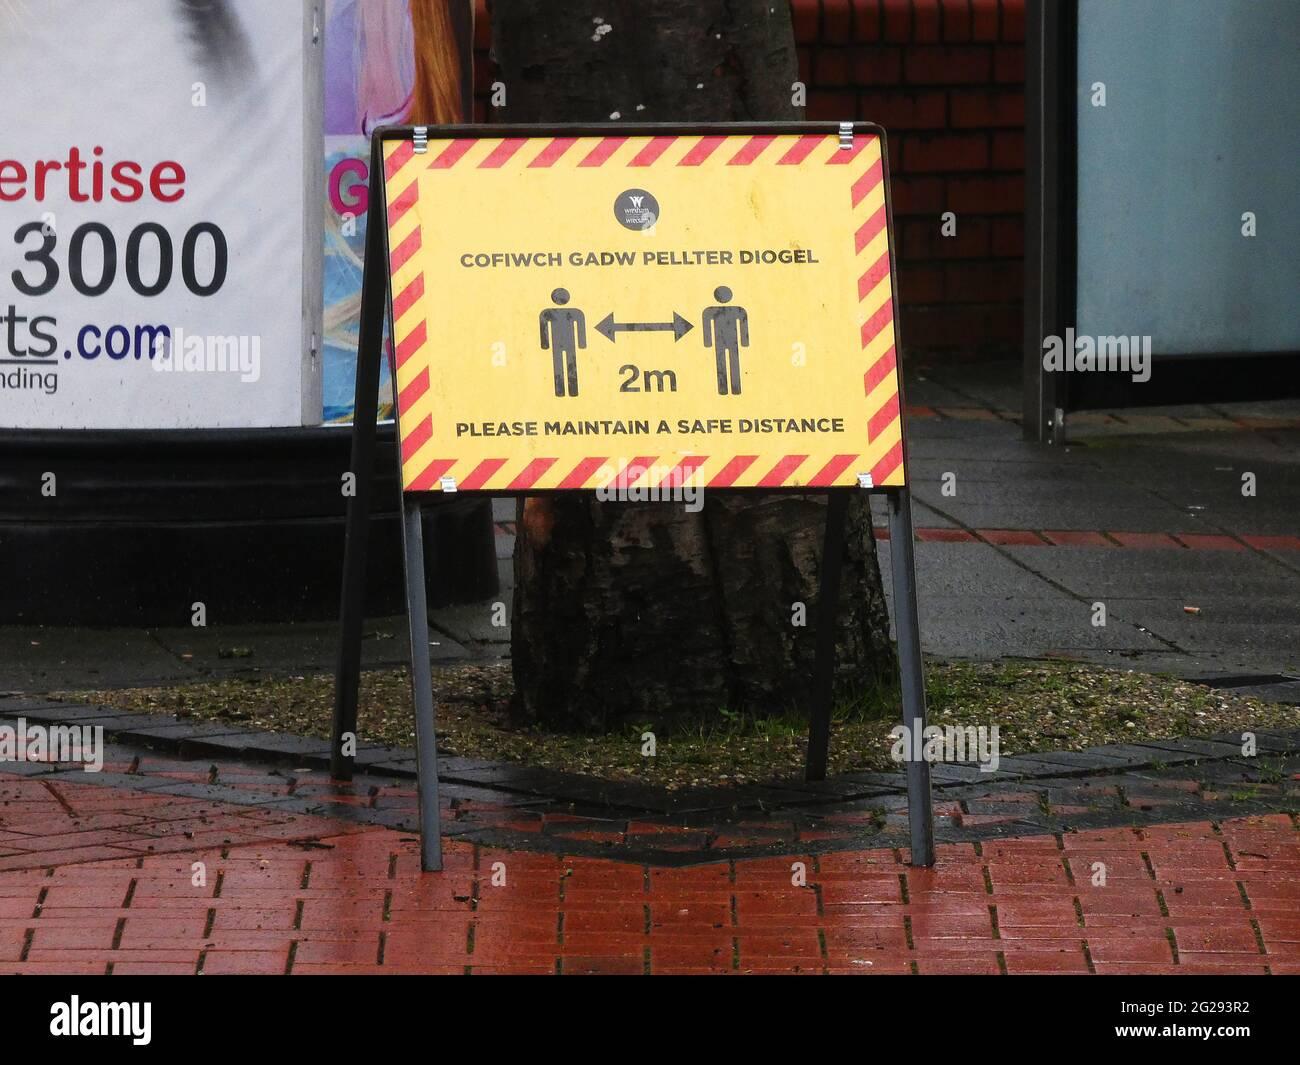 Coronavirus Covid 19 - segnali di avvertimento nel centro di Wrexham durante la pandemia. Segno di allontanamento sociale Foto Stock